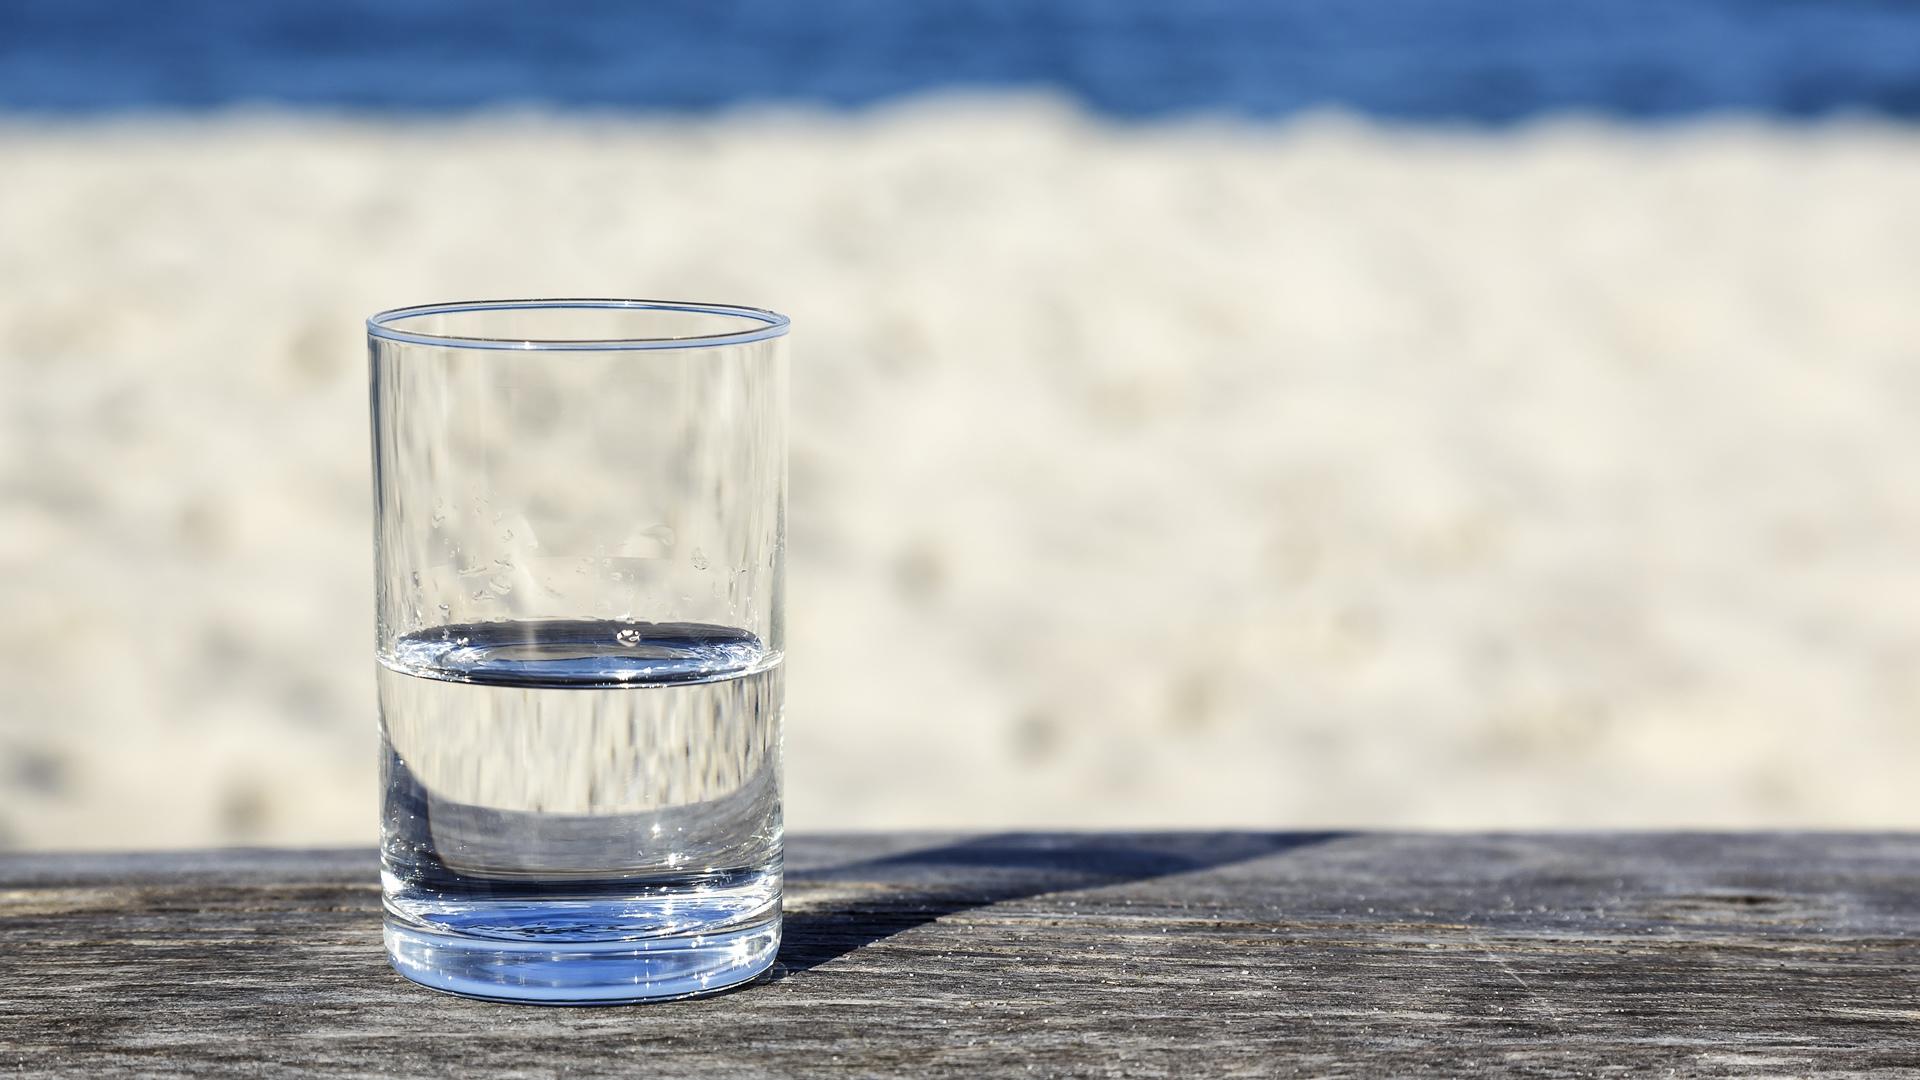 Masa üstünde bardak ve su akışı